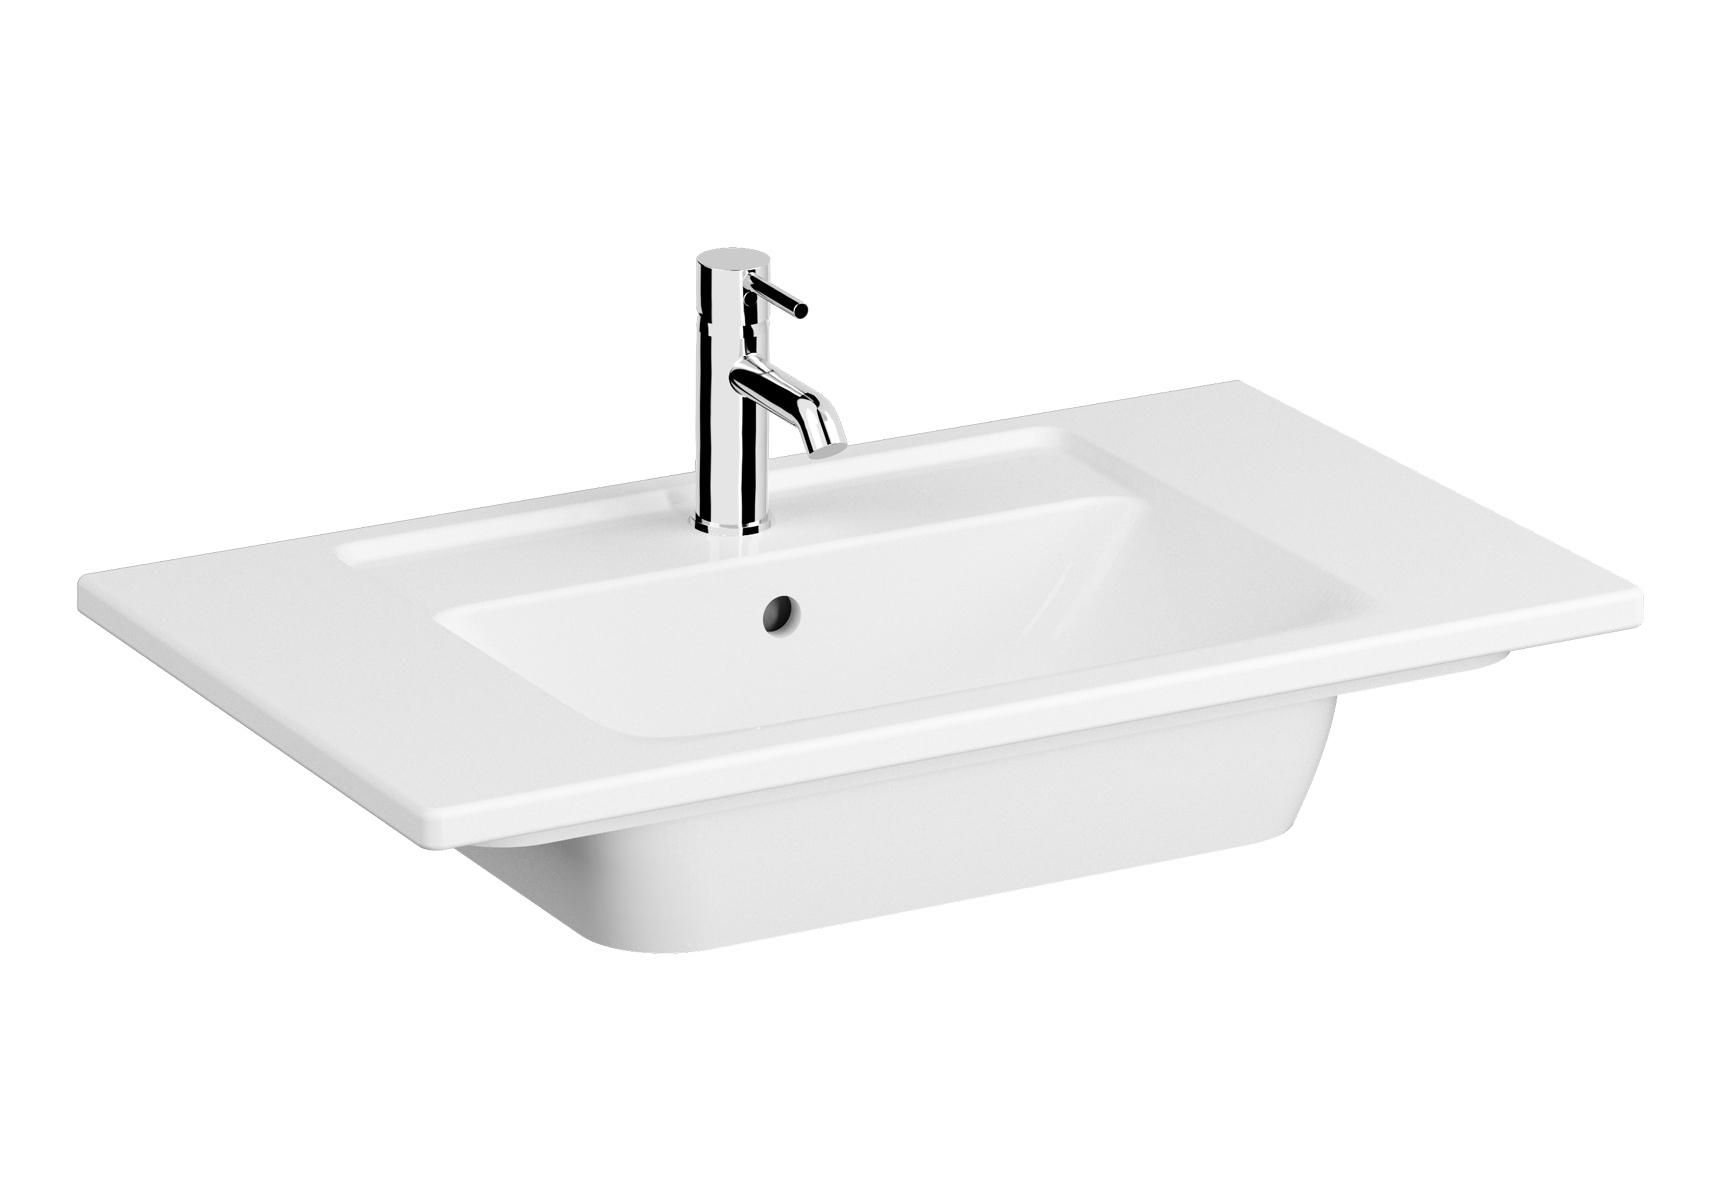 Integra plan céramique, 80 cm, avec trou de robinet, avec trop-plein